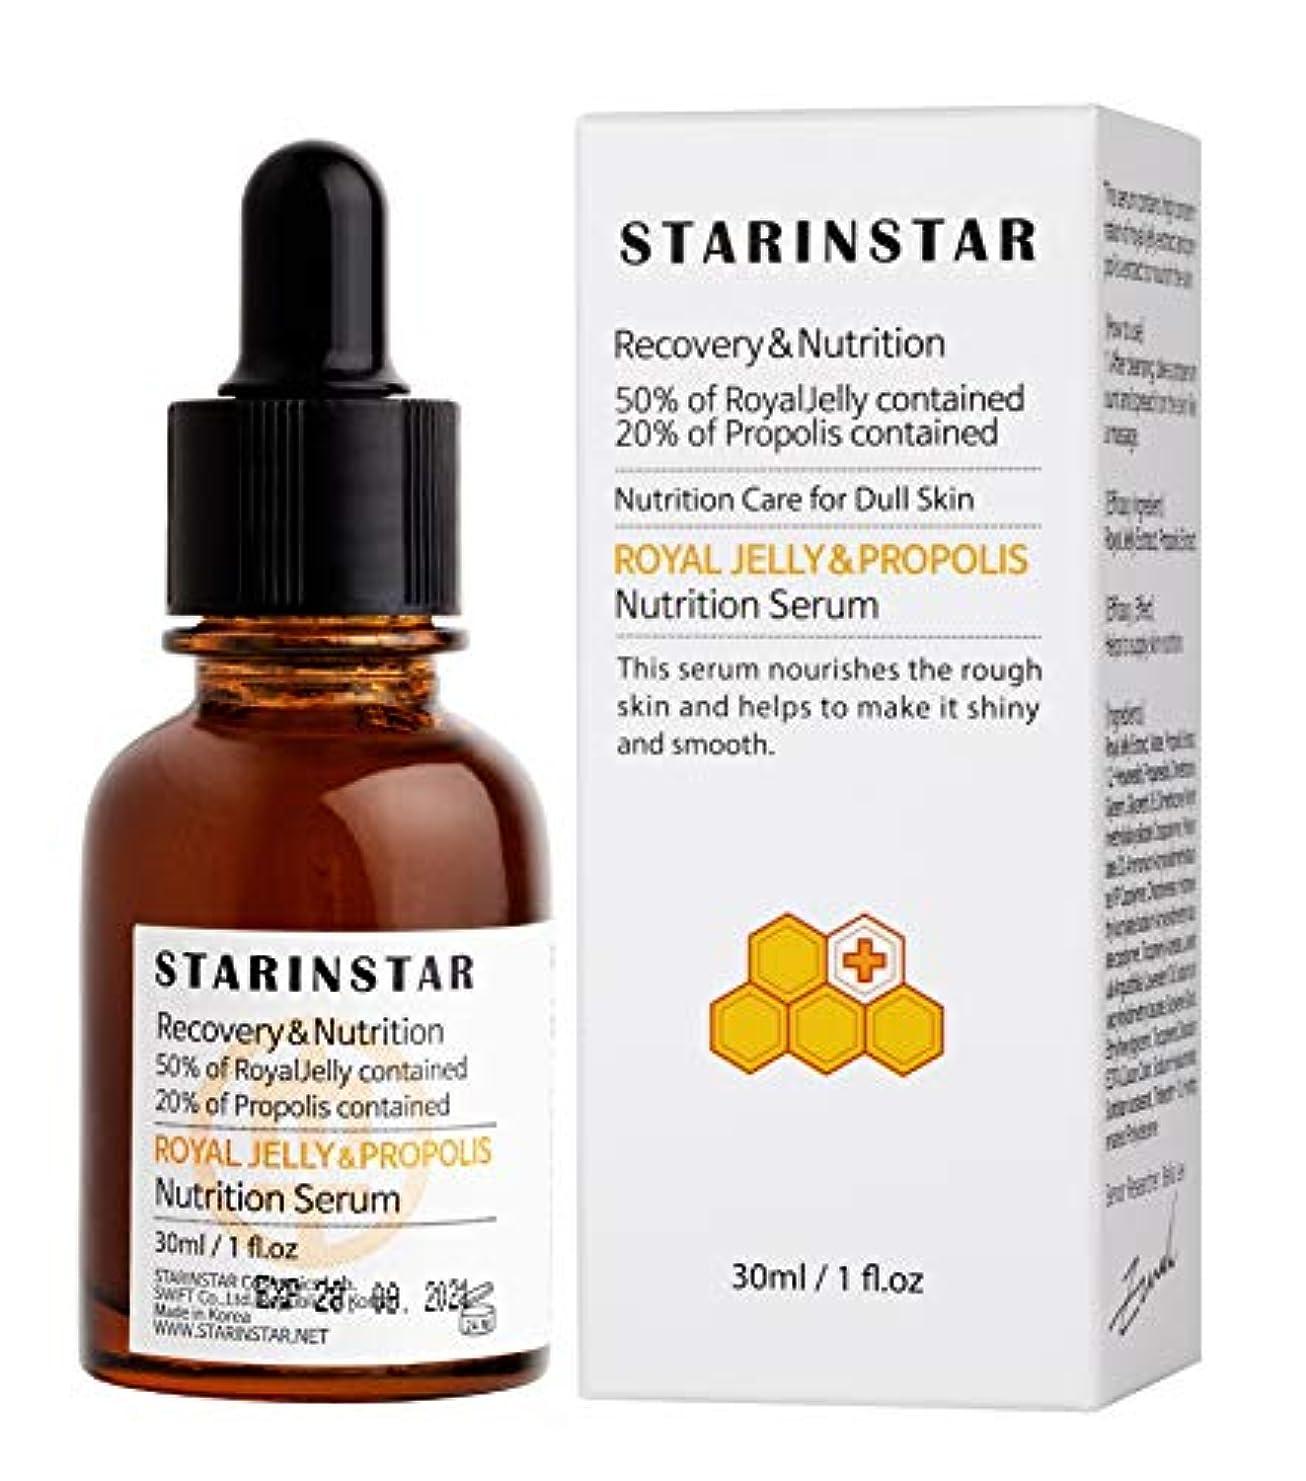 盆回路従事した[STARINSTAR] ロイヤルゼリー&プロポリス栄養セラム、リカバリー、栄養ケア用ラフスキン、ロイヤルゼリーの50%、プロポリス20%、30ml / 1 fl.oz